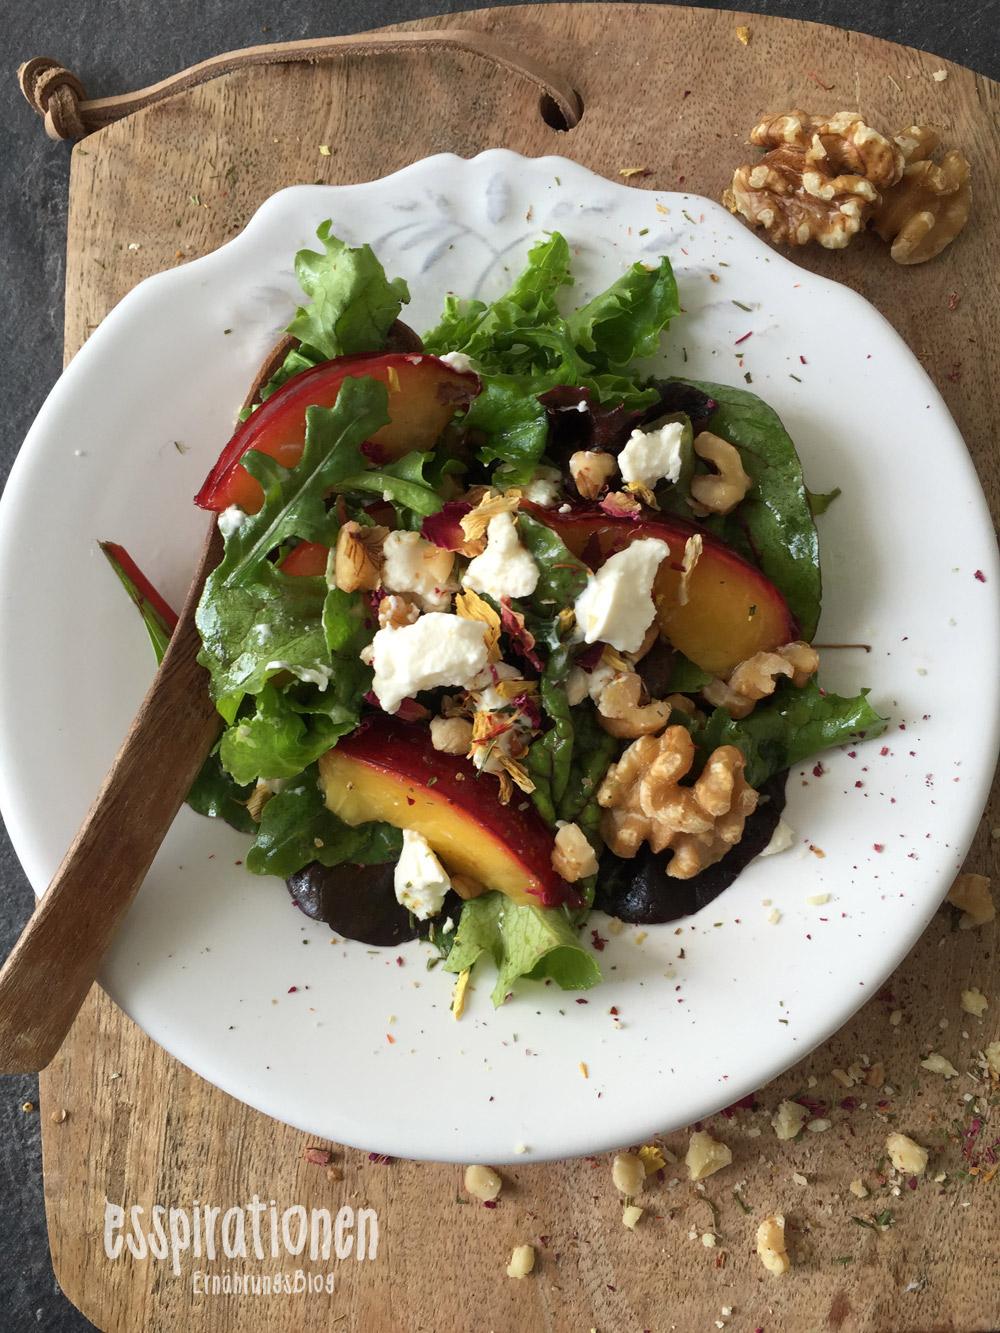 esspirationen-rezepte-Salat-mit-Walnüssen-und-Nektarinen001